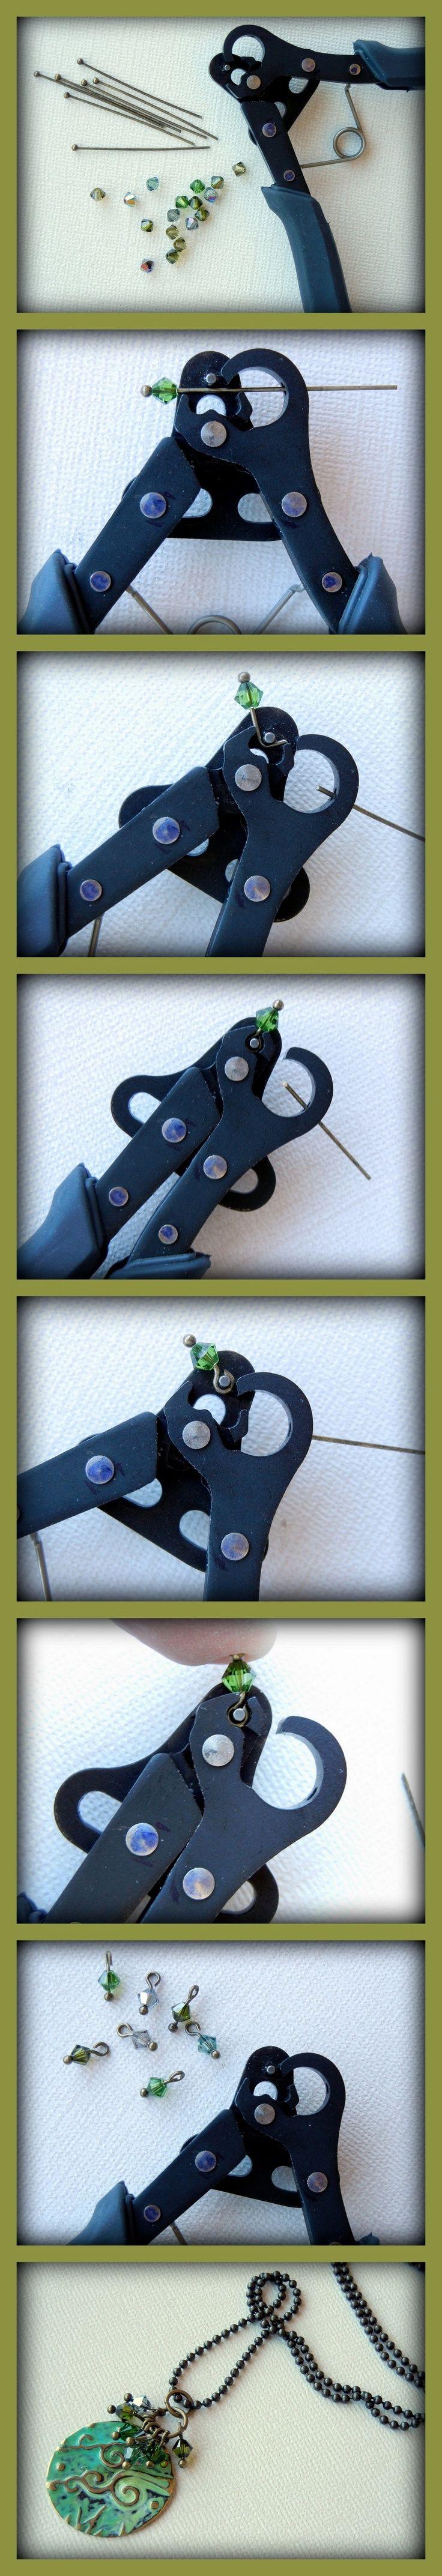 1-step Looper tool . That tool looks useful.